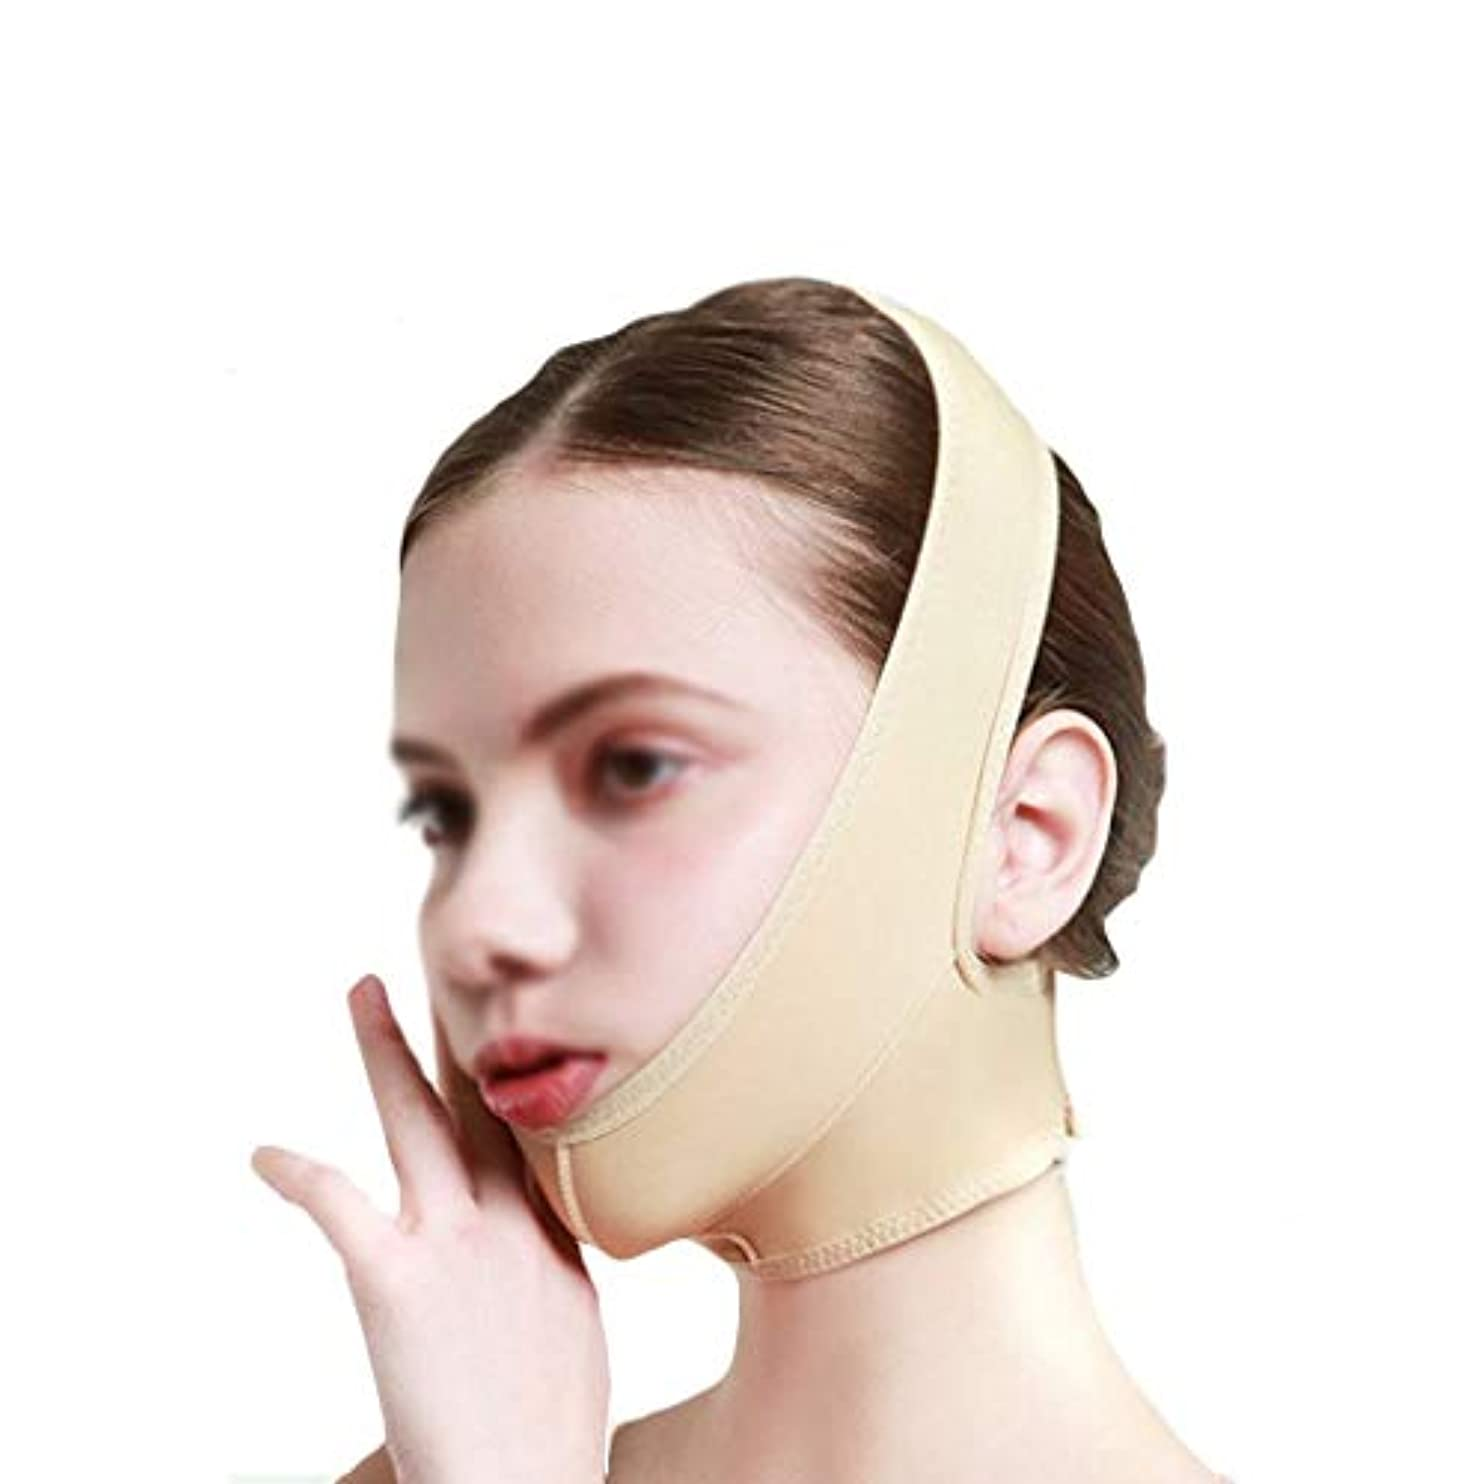 好色な提供された悪夢ダブルチンリデューサー、フェイススリミングマスク、フェイスリフティング、ストレッチマスク、ダブルチン、浮腫緩和、ケアツール、通気性(サイズ:XL),XL